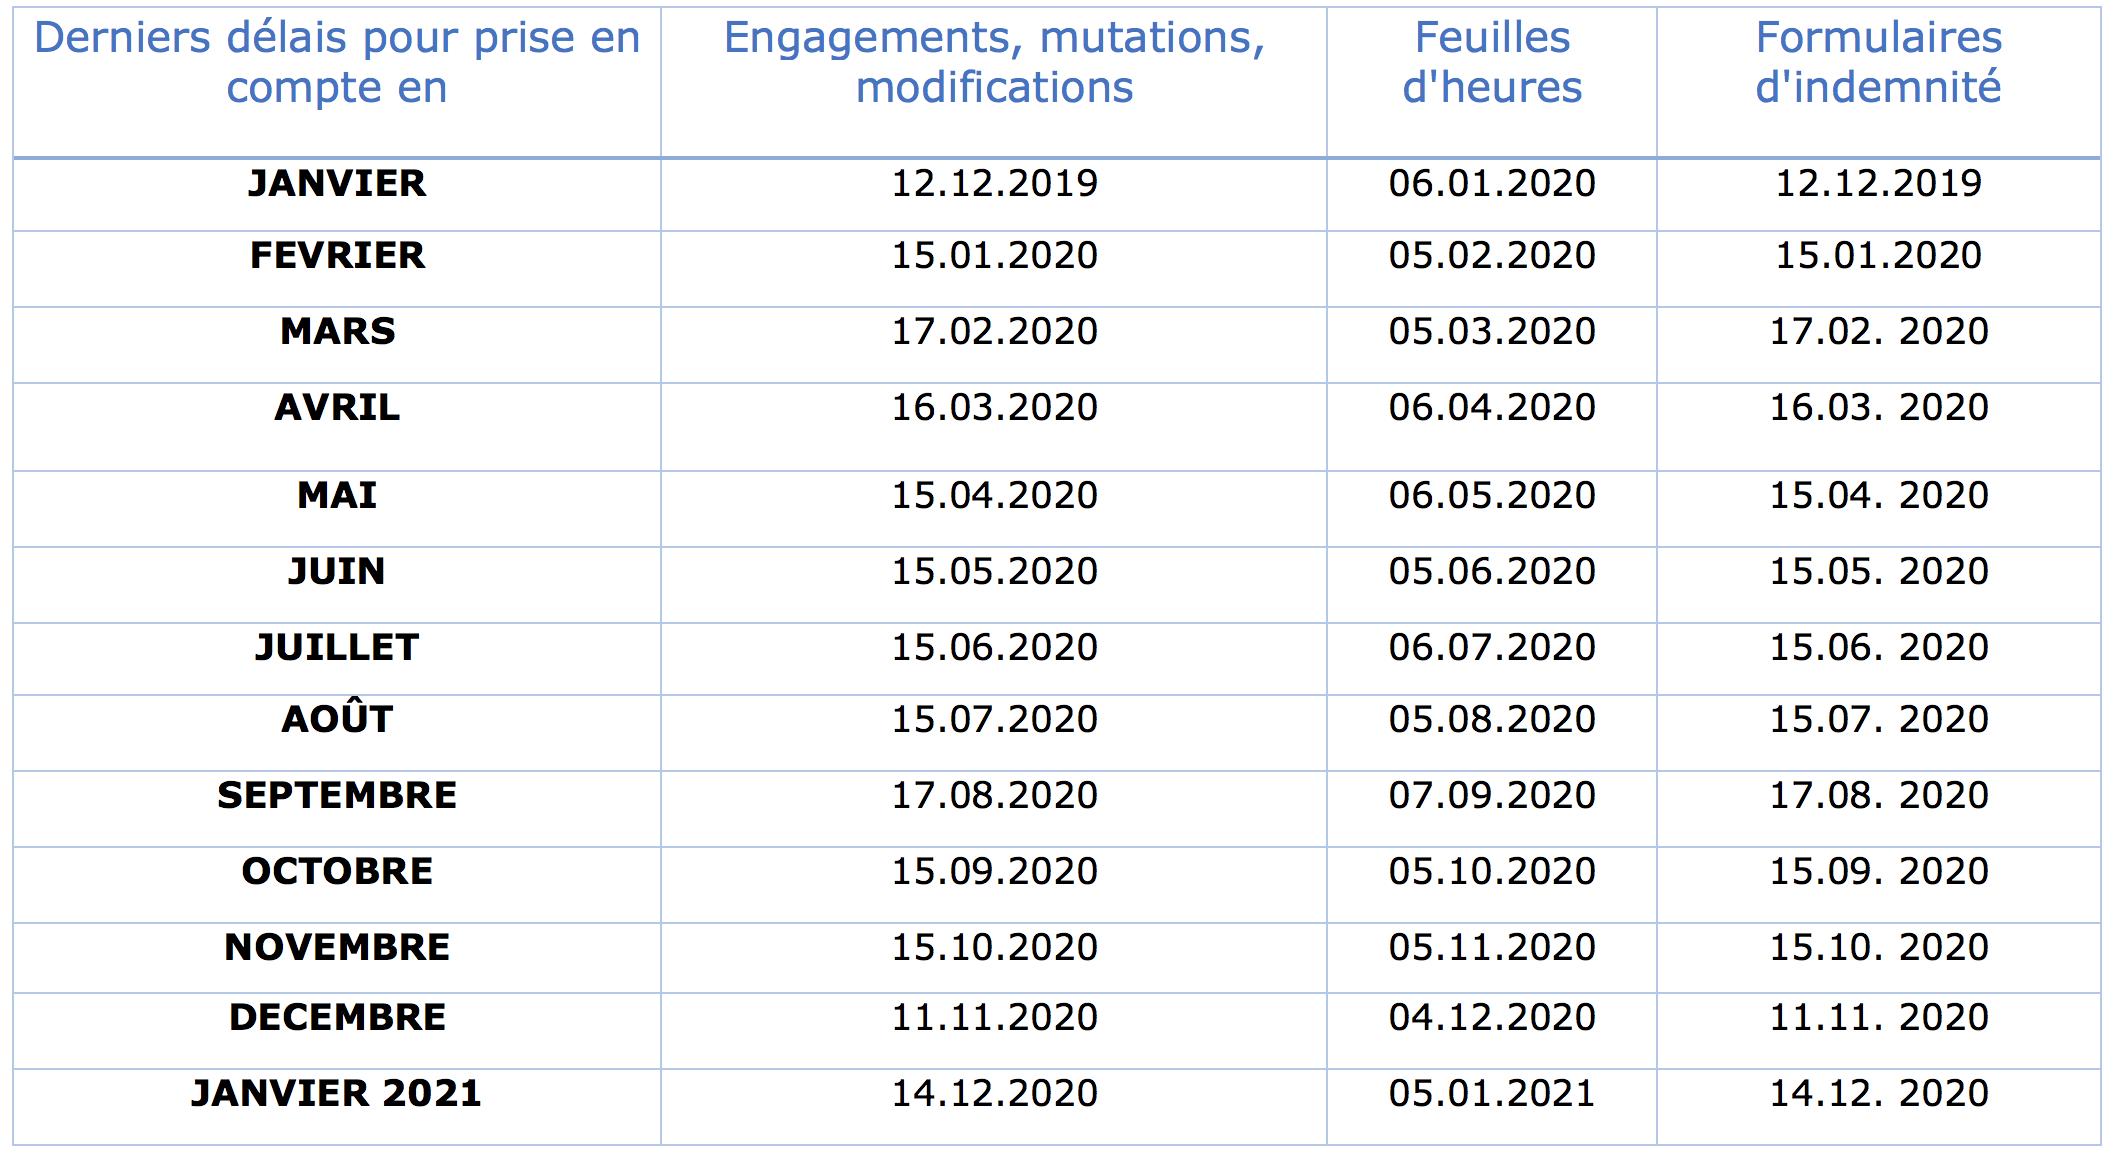 Délais_de_retour_2020.png (Délais de retour 2020)